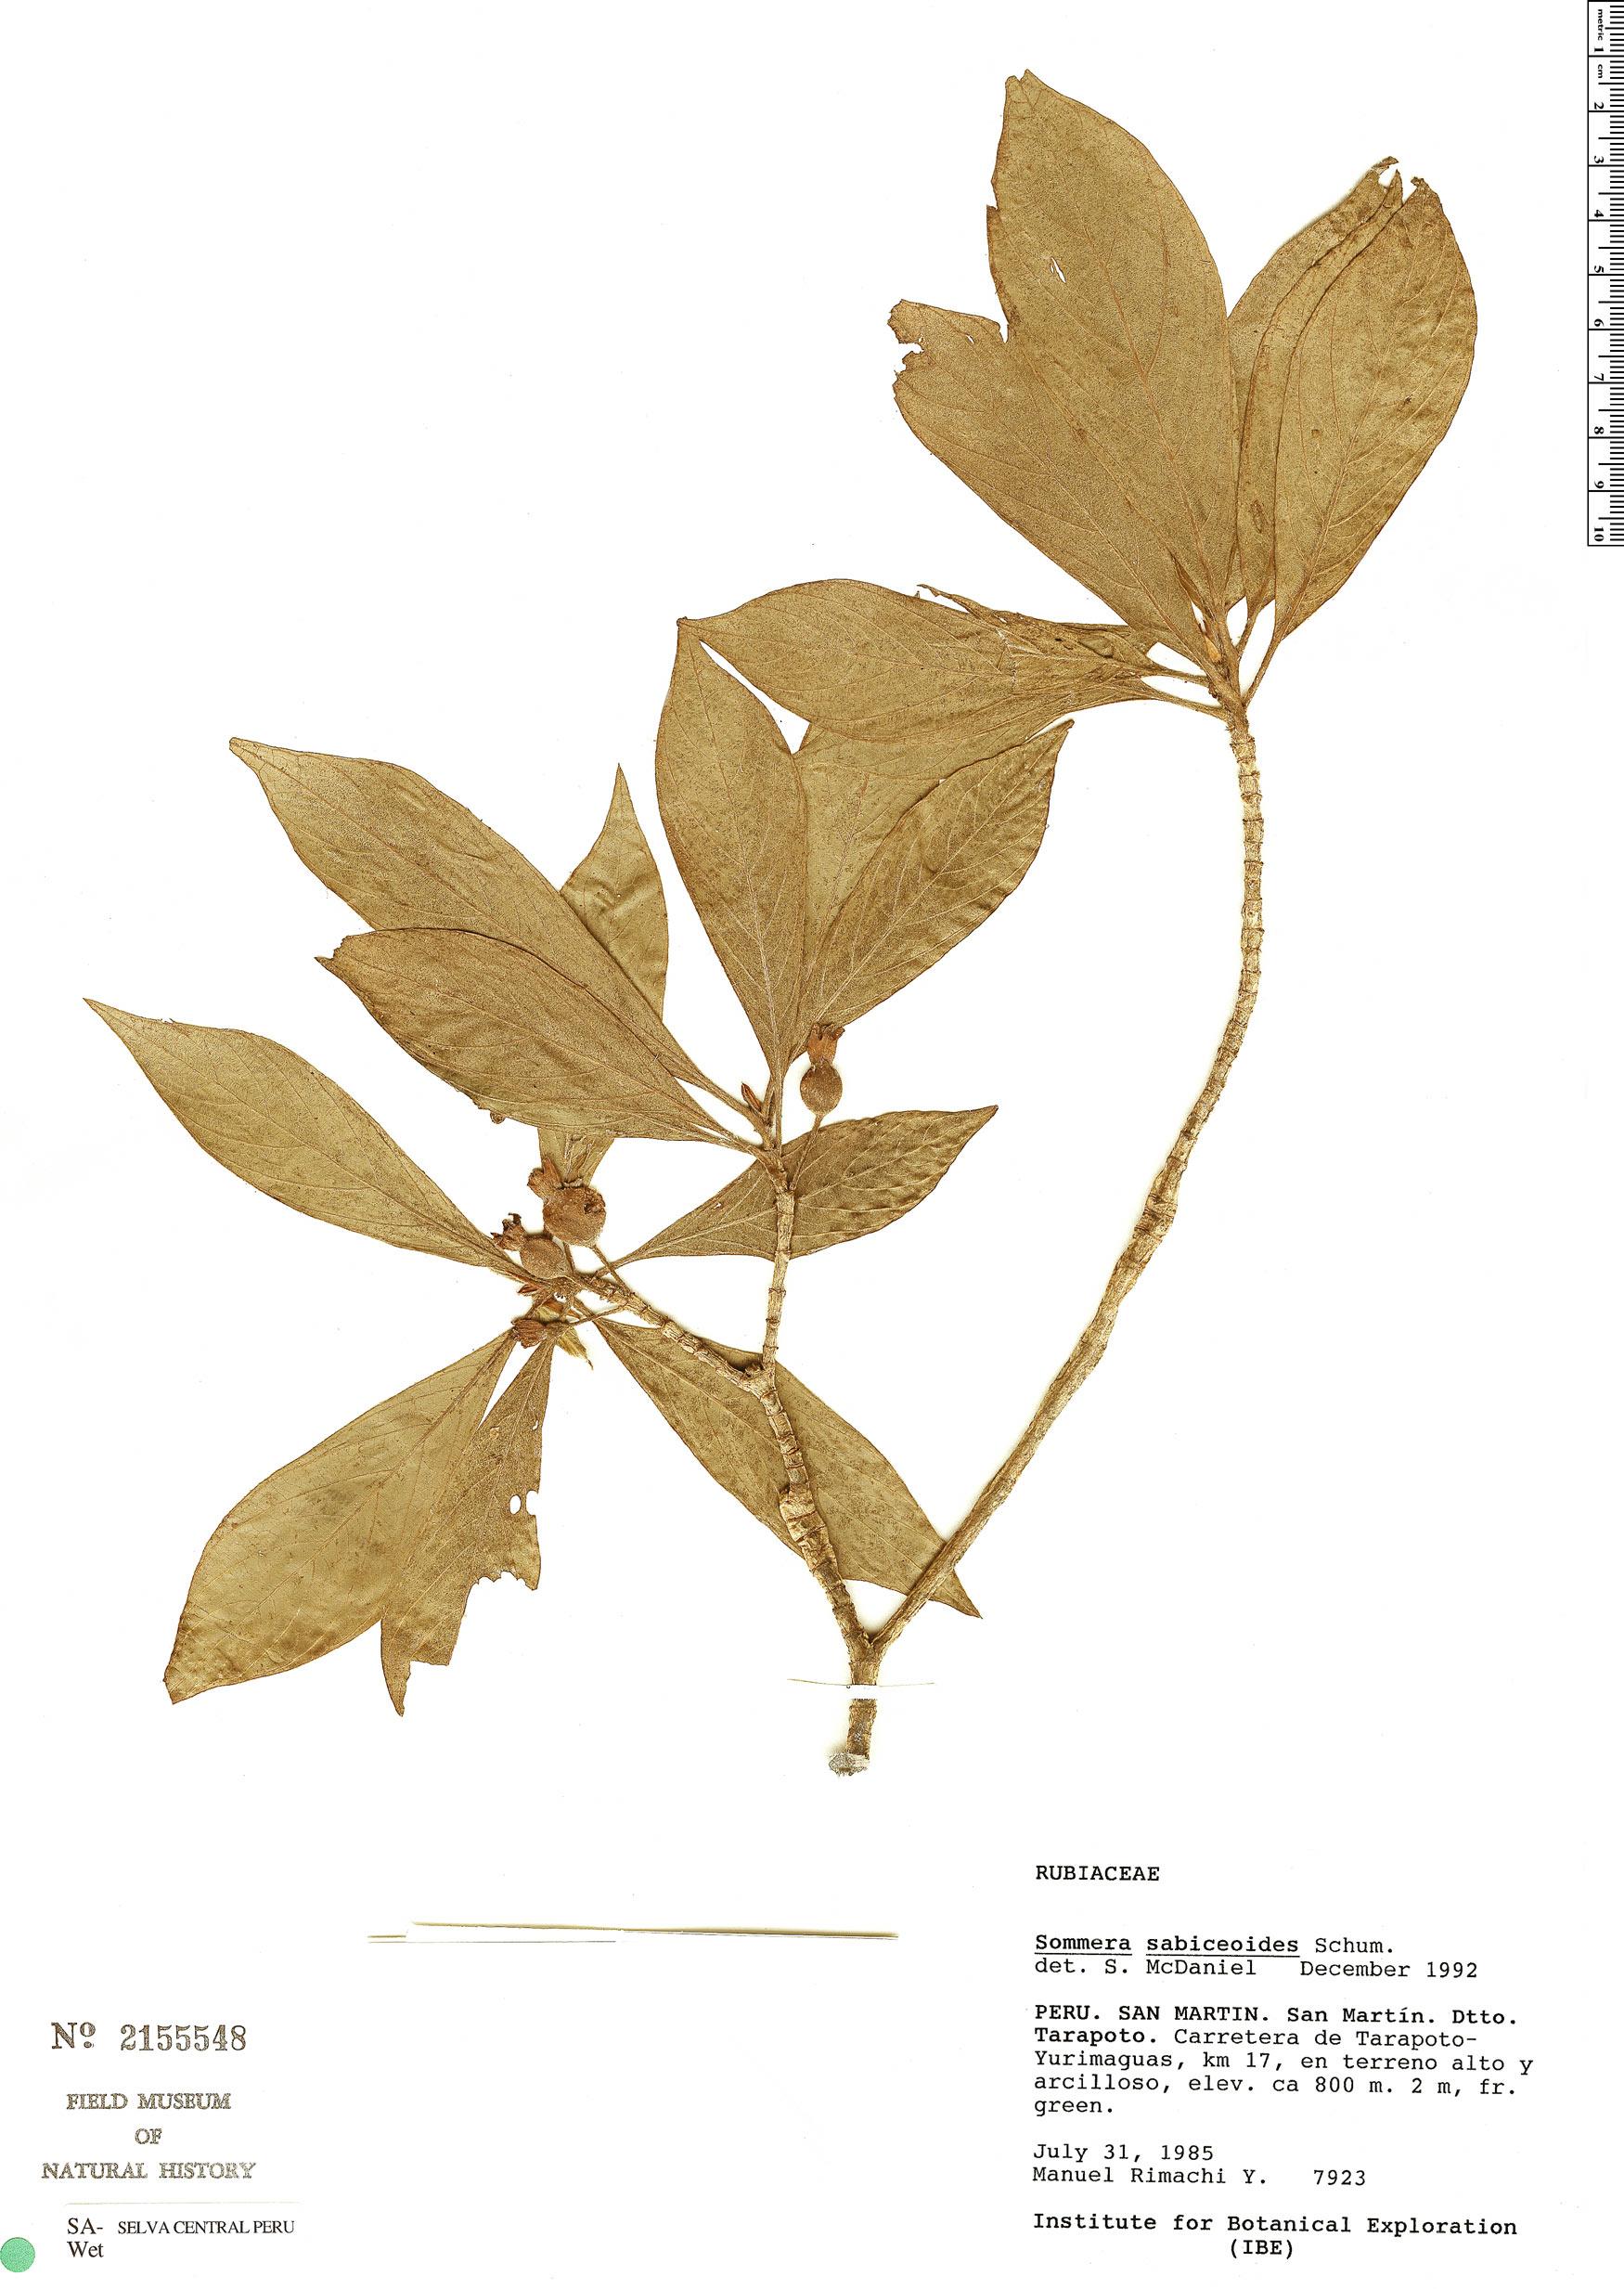 Specimen: Sommera sabiceoides